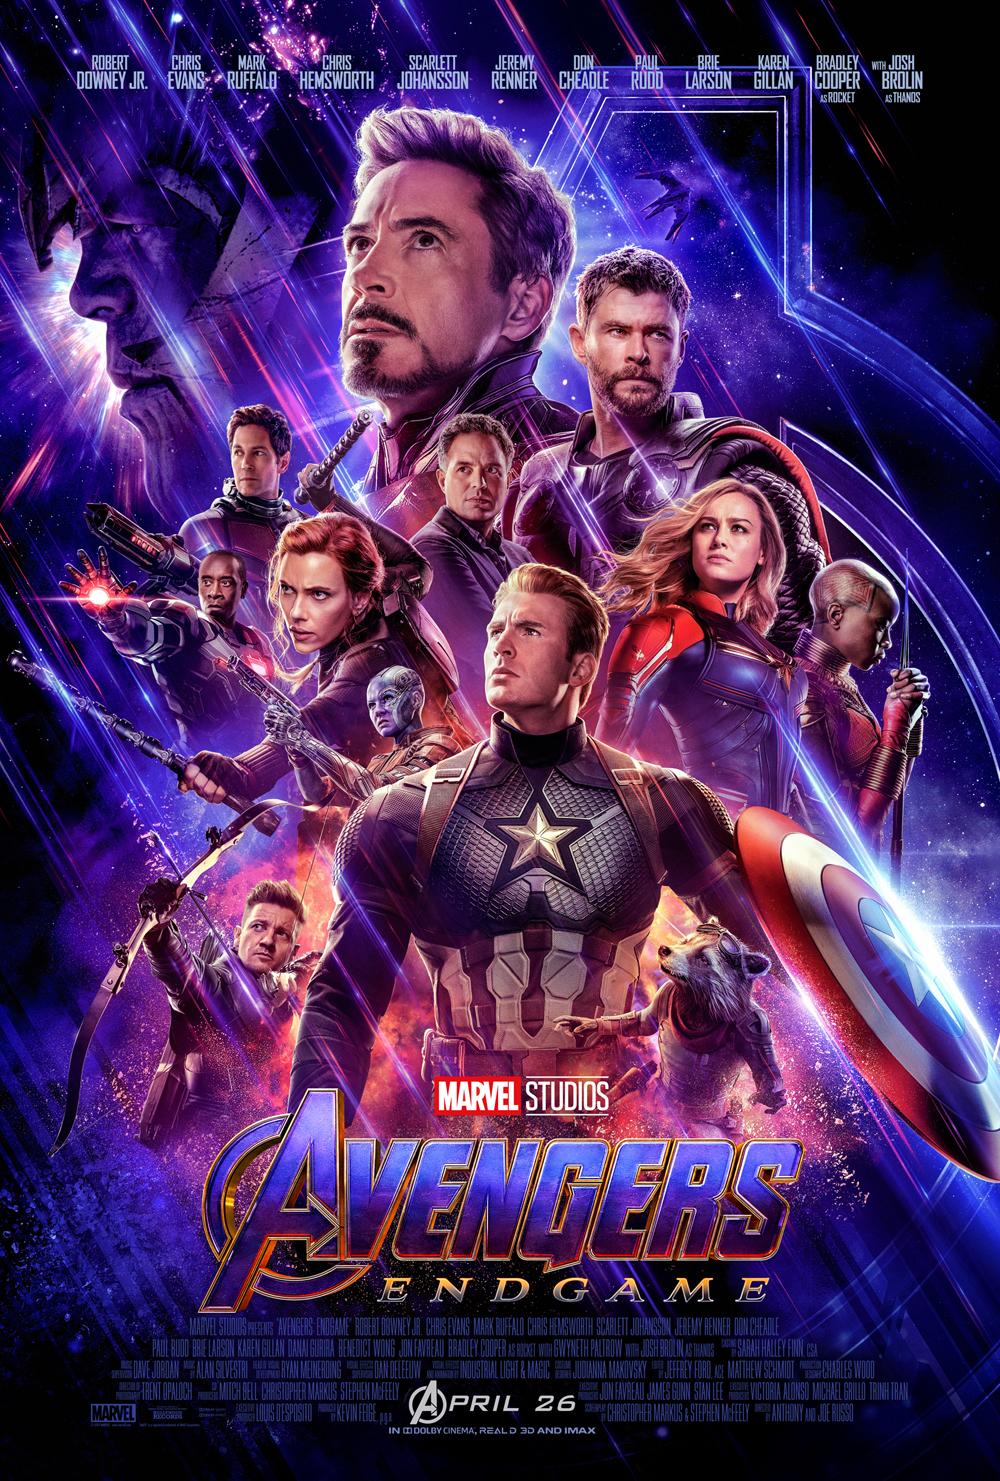 avengers endgame poster - Trailer final de Avengers: Endgame